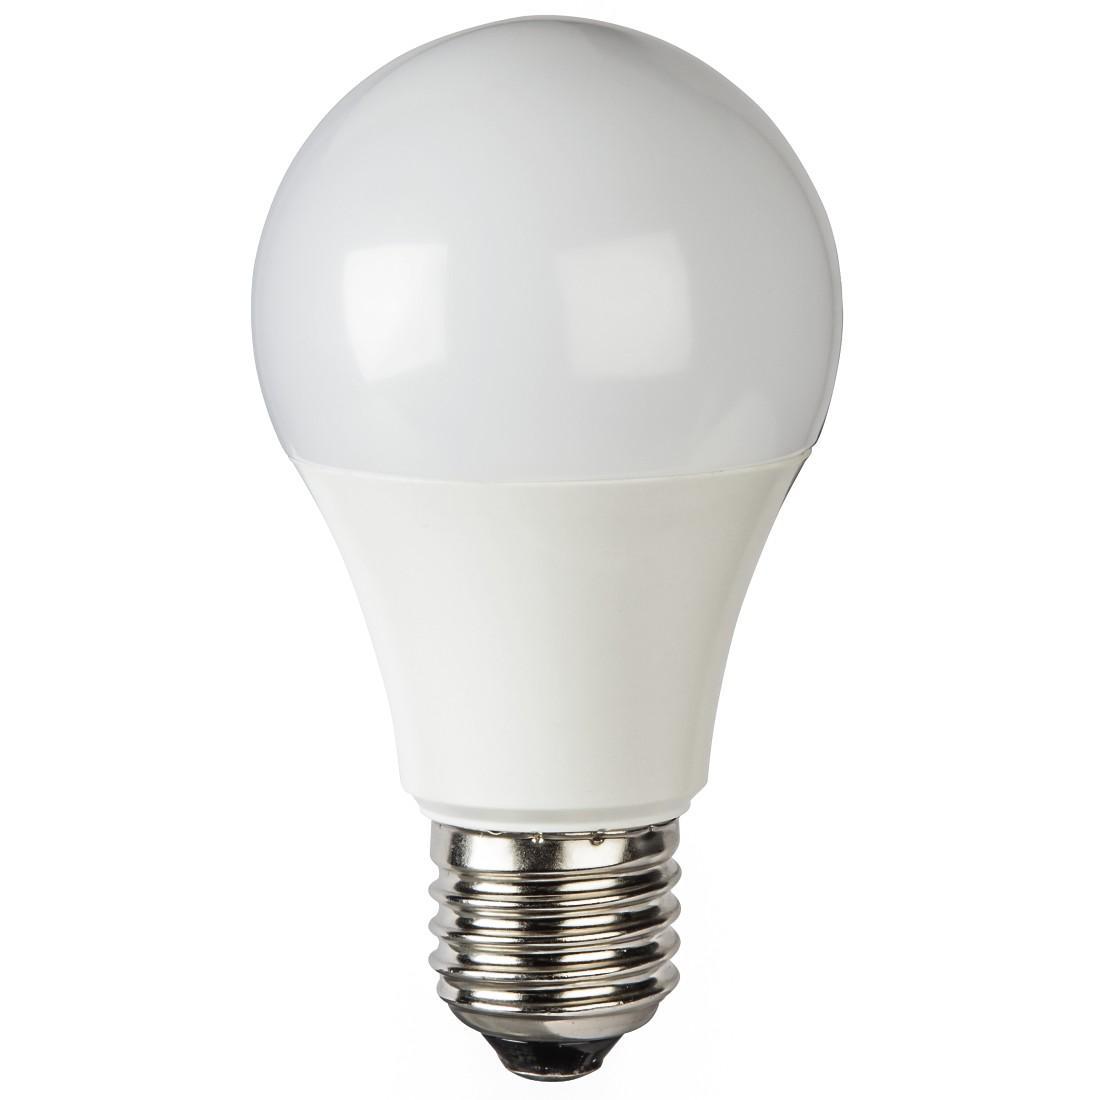 LED крушка XAVAX 111974, Bluetooth, 8W, E27, 2700K, димираща, bulb